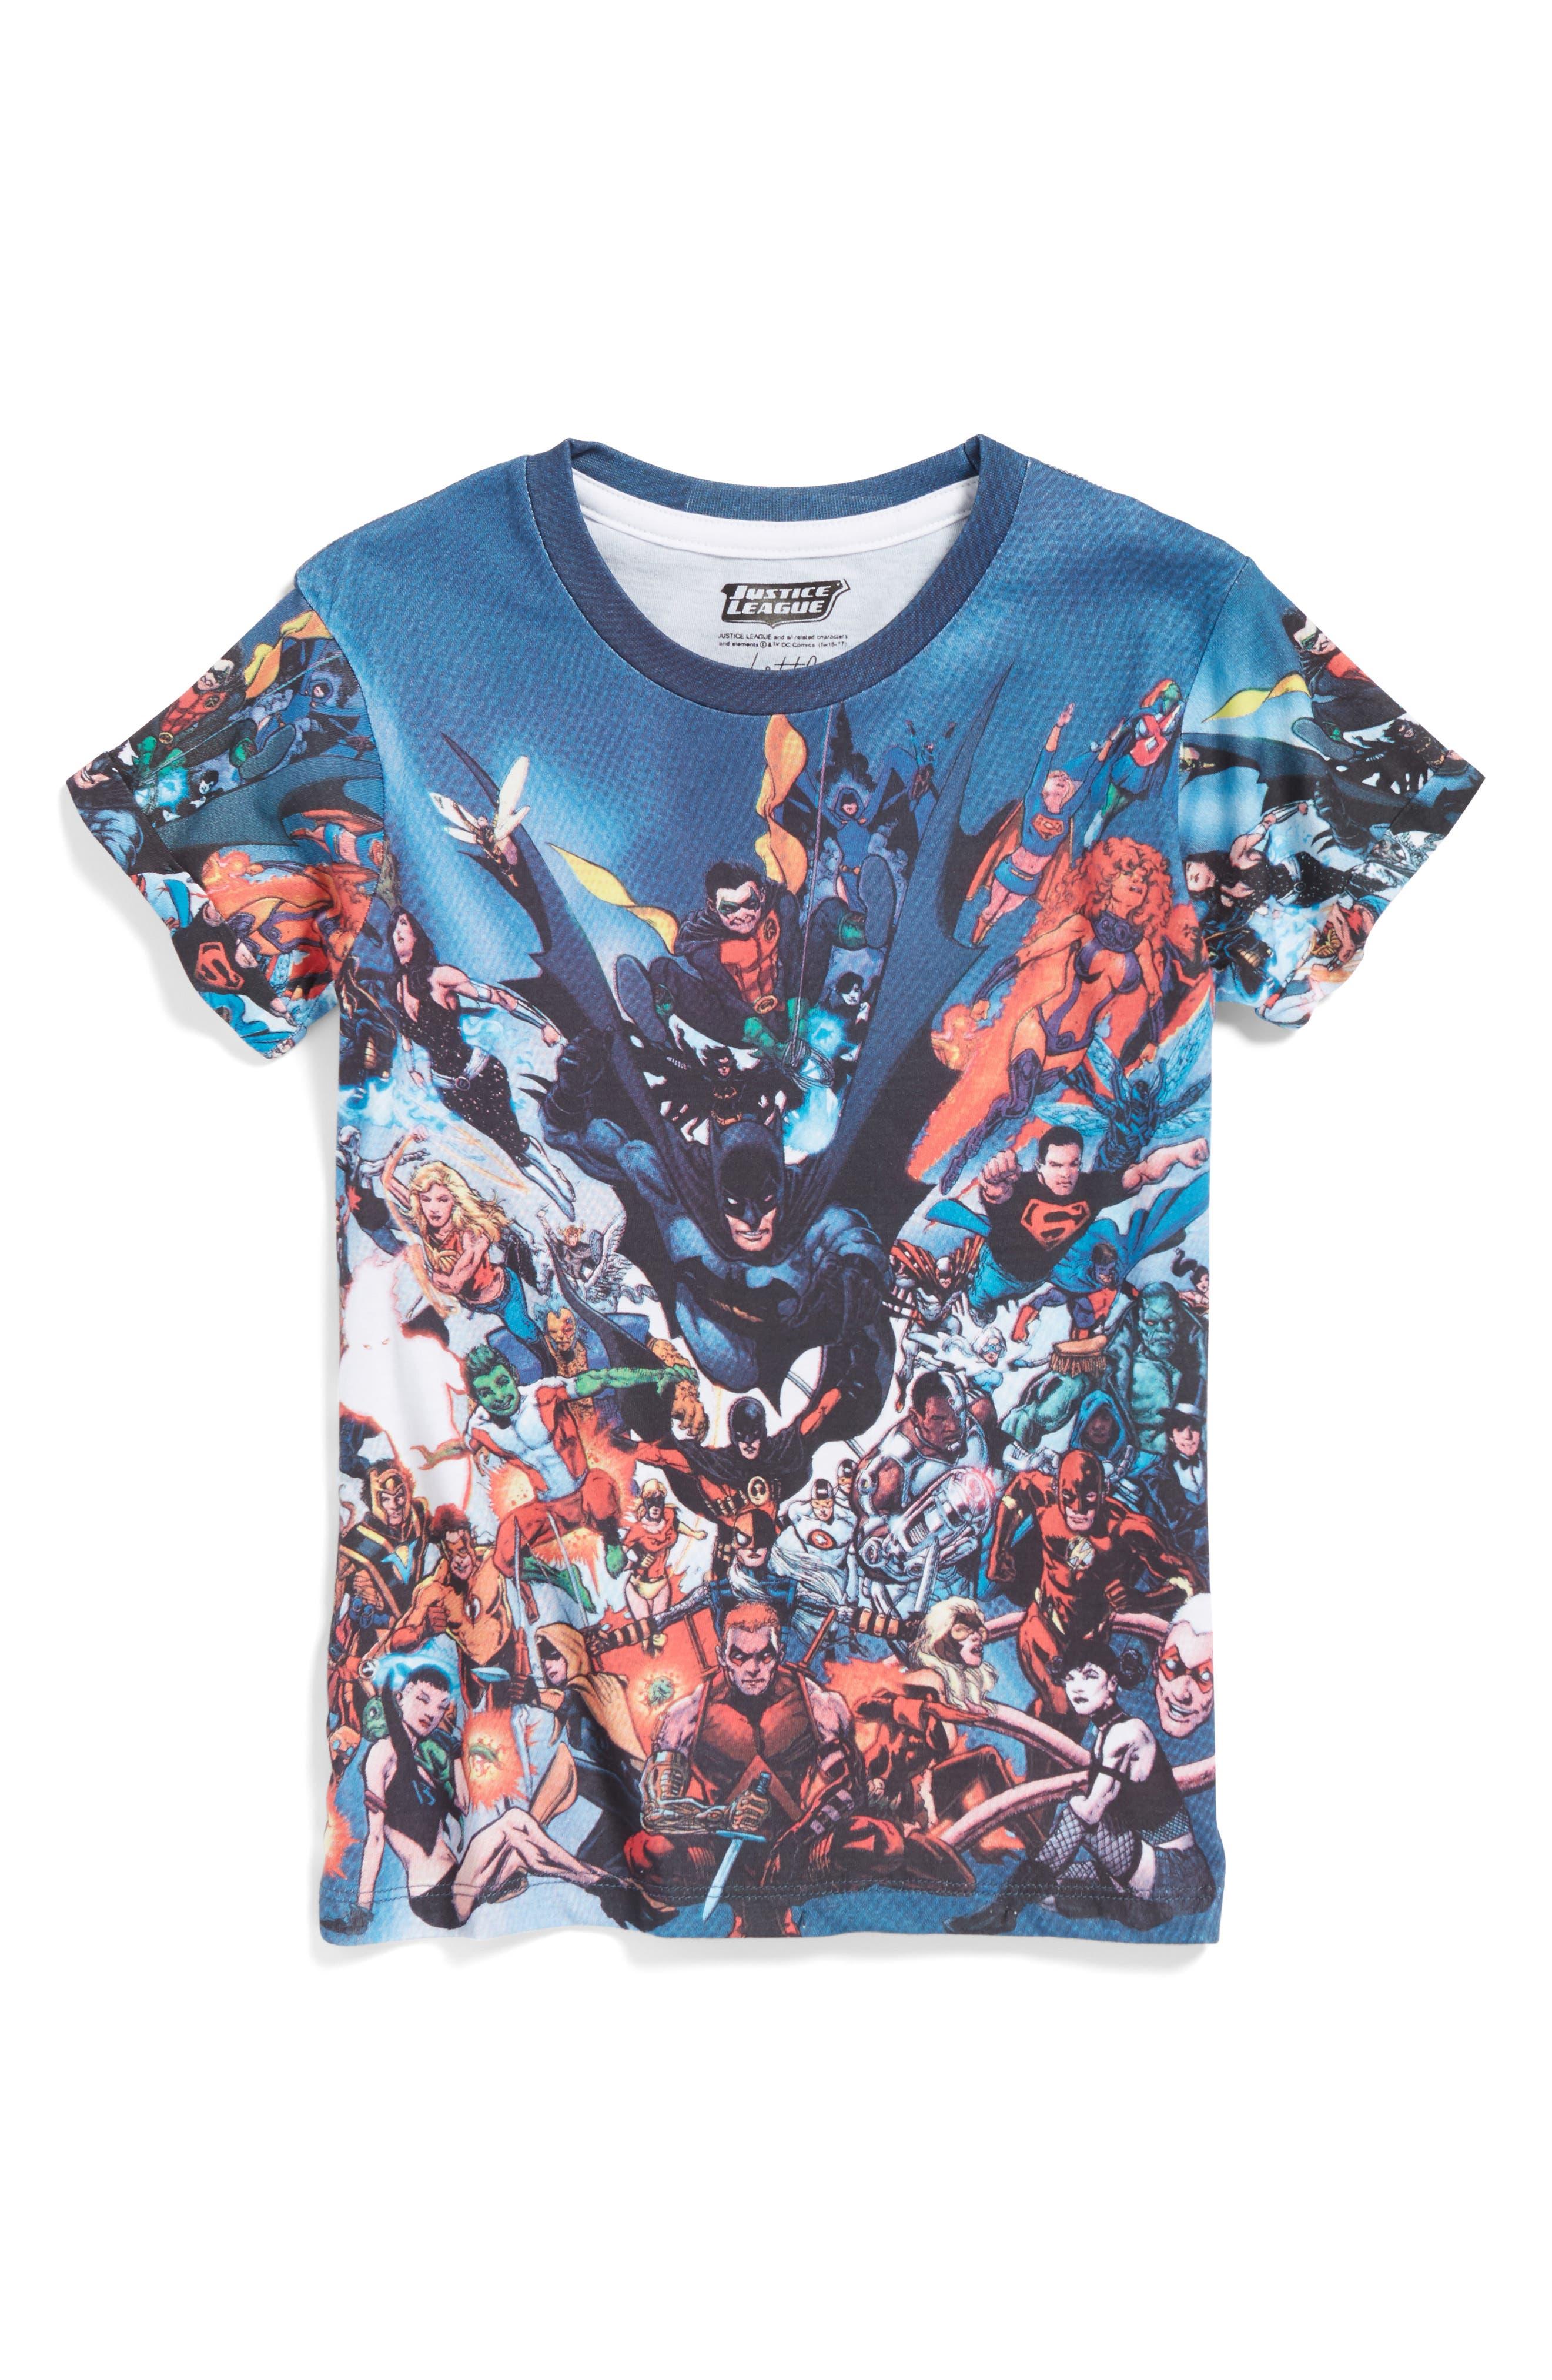 Justice League Superhero T-Shirt,                         Main,                         color, 020